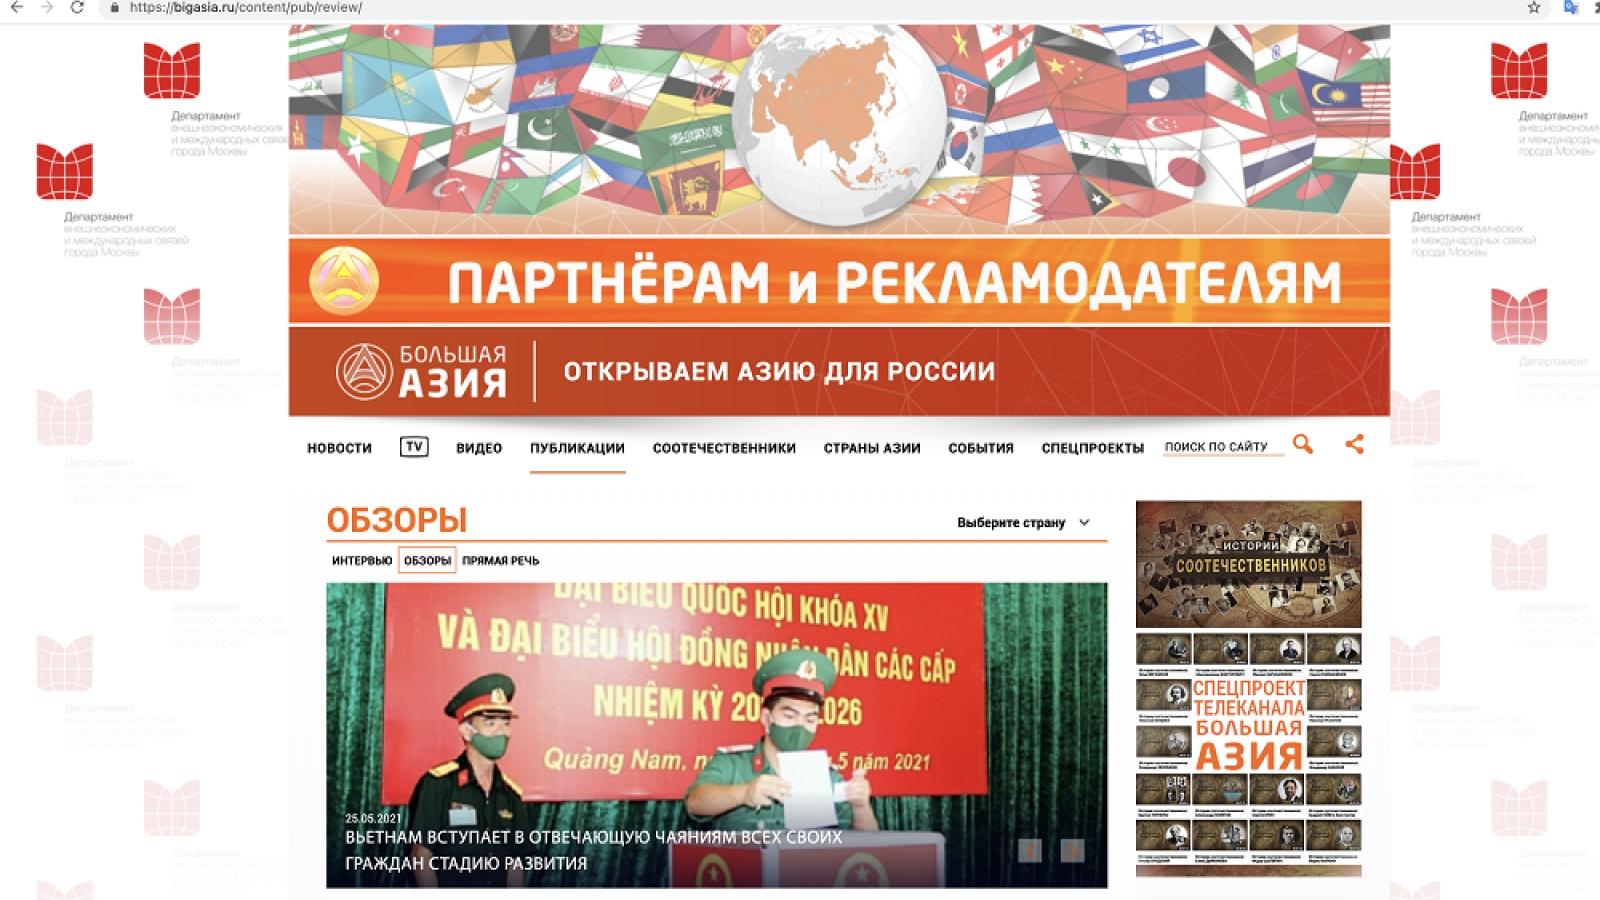 Học giả Nga: Bầu cử Quốc hội là sự kiện lớn trong đời sống chính trị Việt Nam